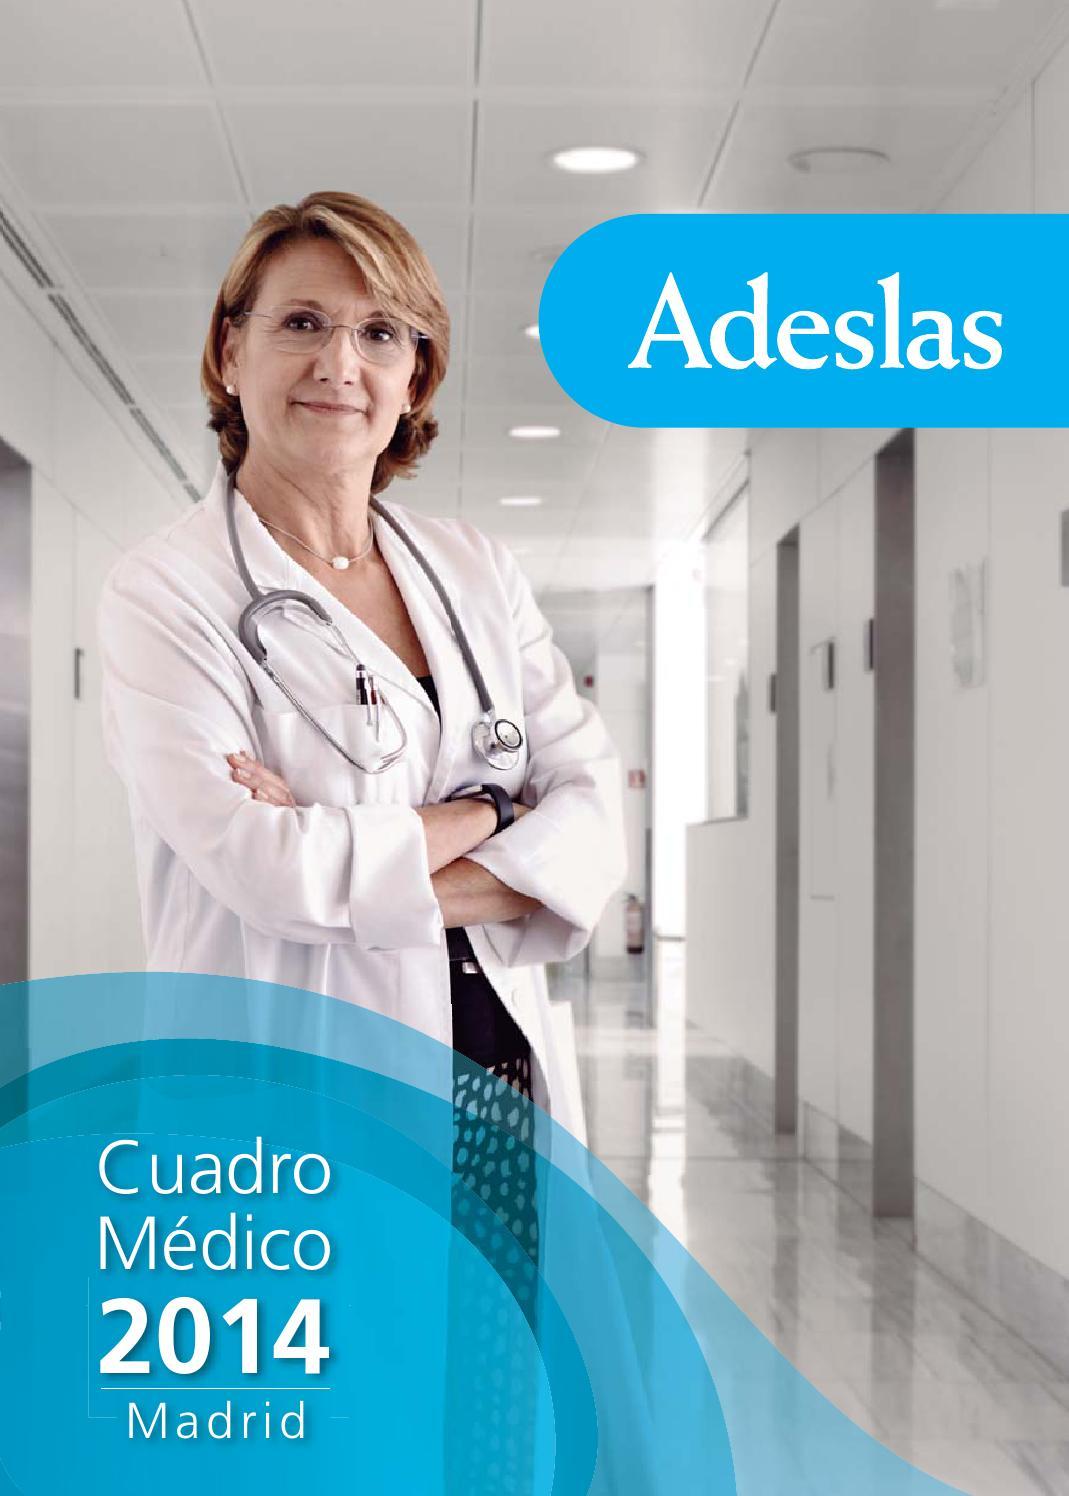 Cuadro medico adeslas madrid by esther lopez issuu for Oficina de adeslas